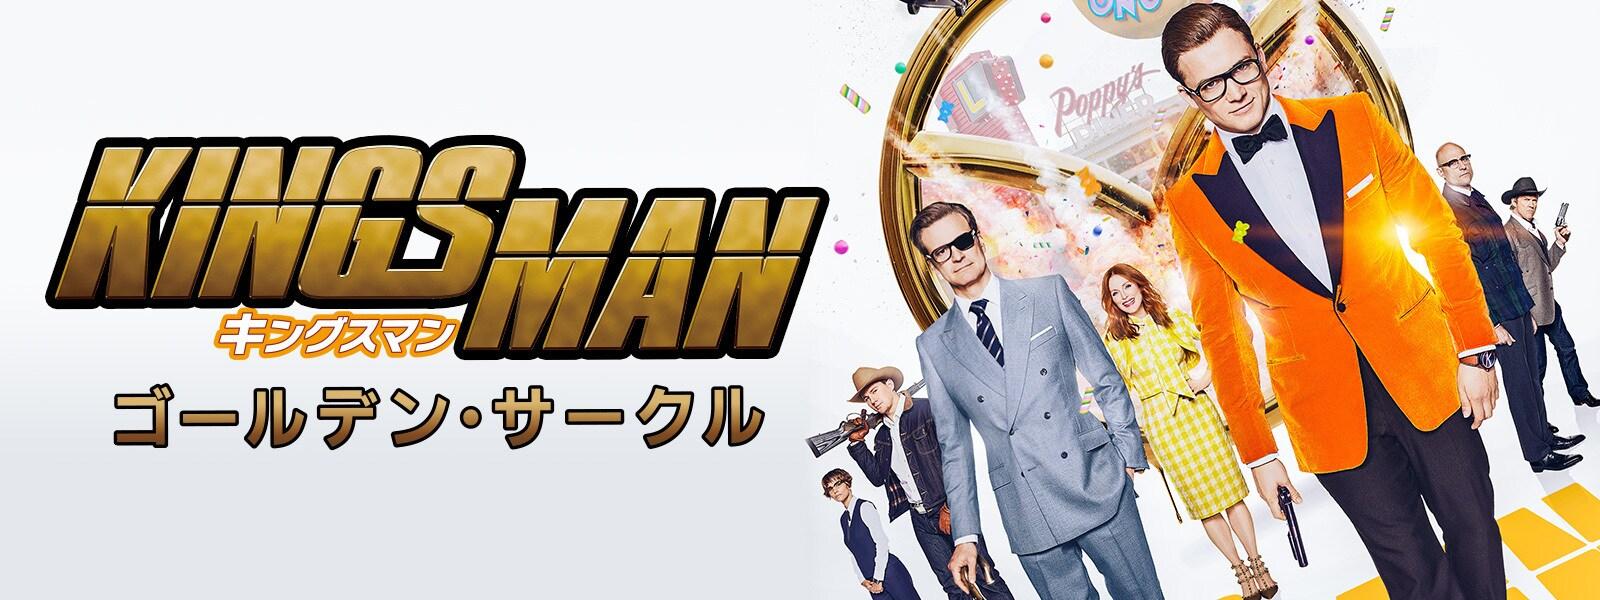 キングスマン:ゴールデン・サークル Kingsman: The Golden Circle Hero